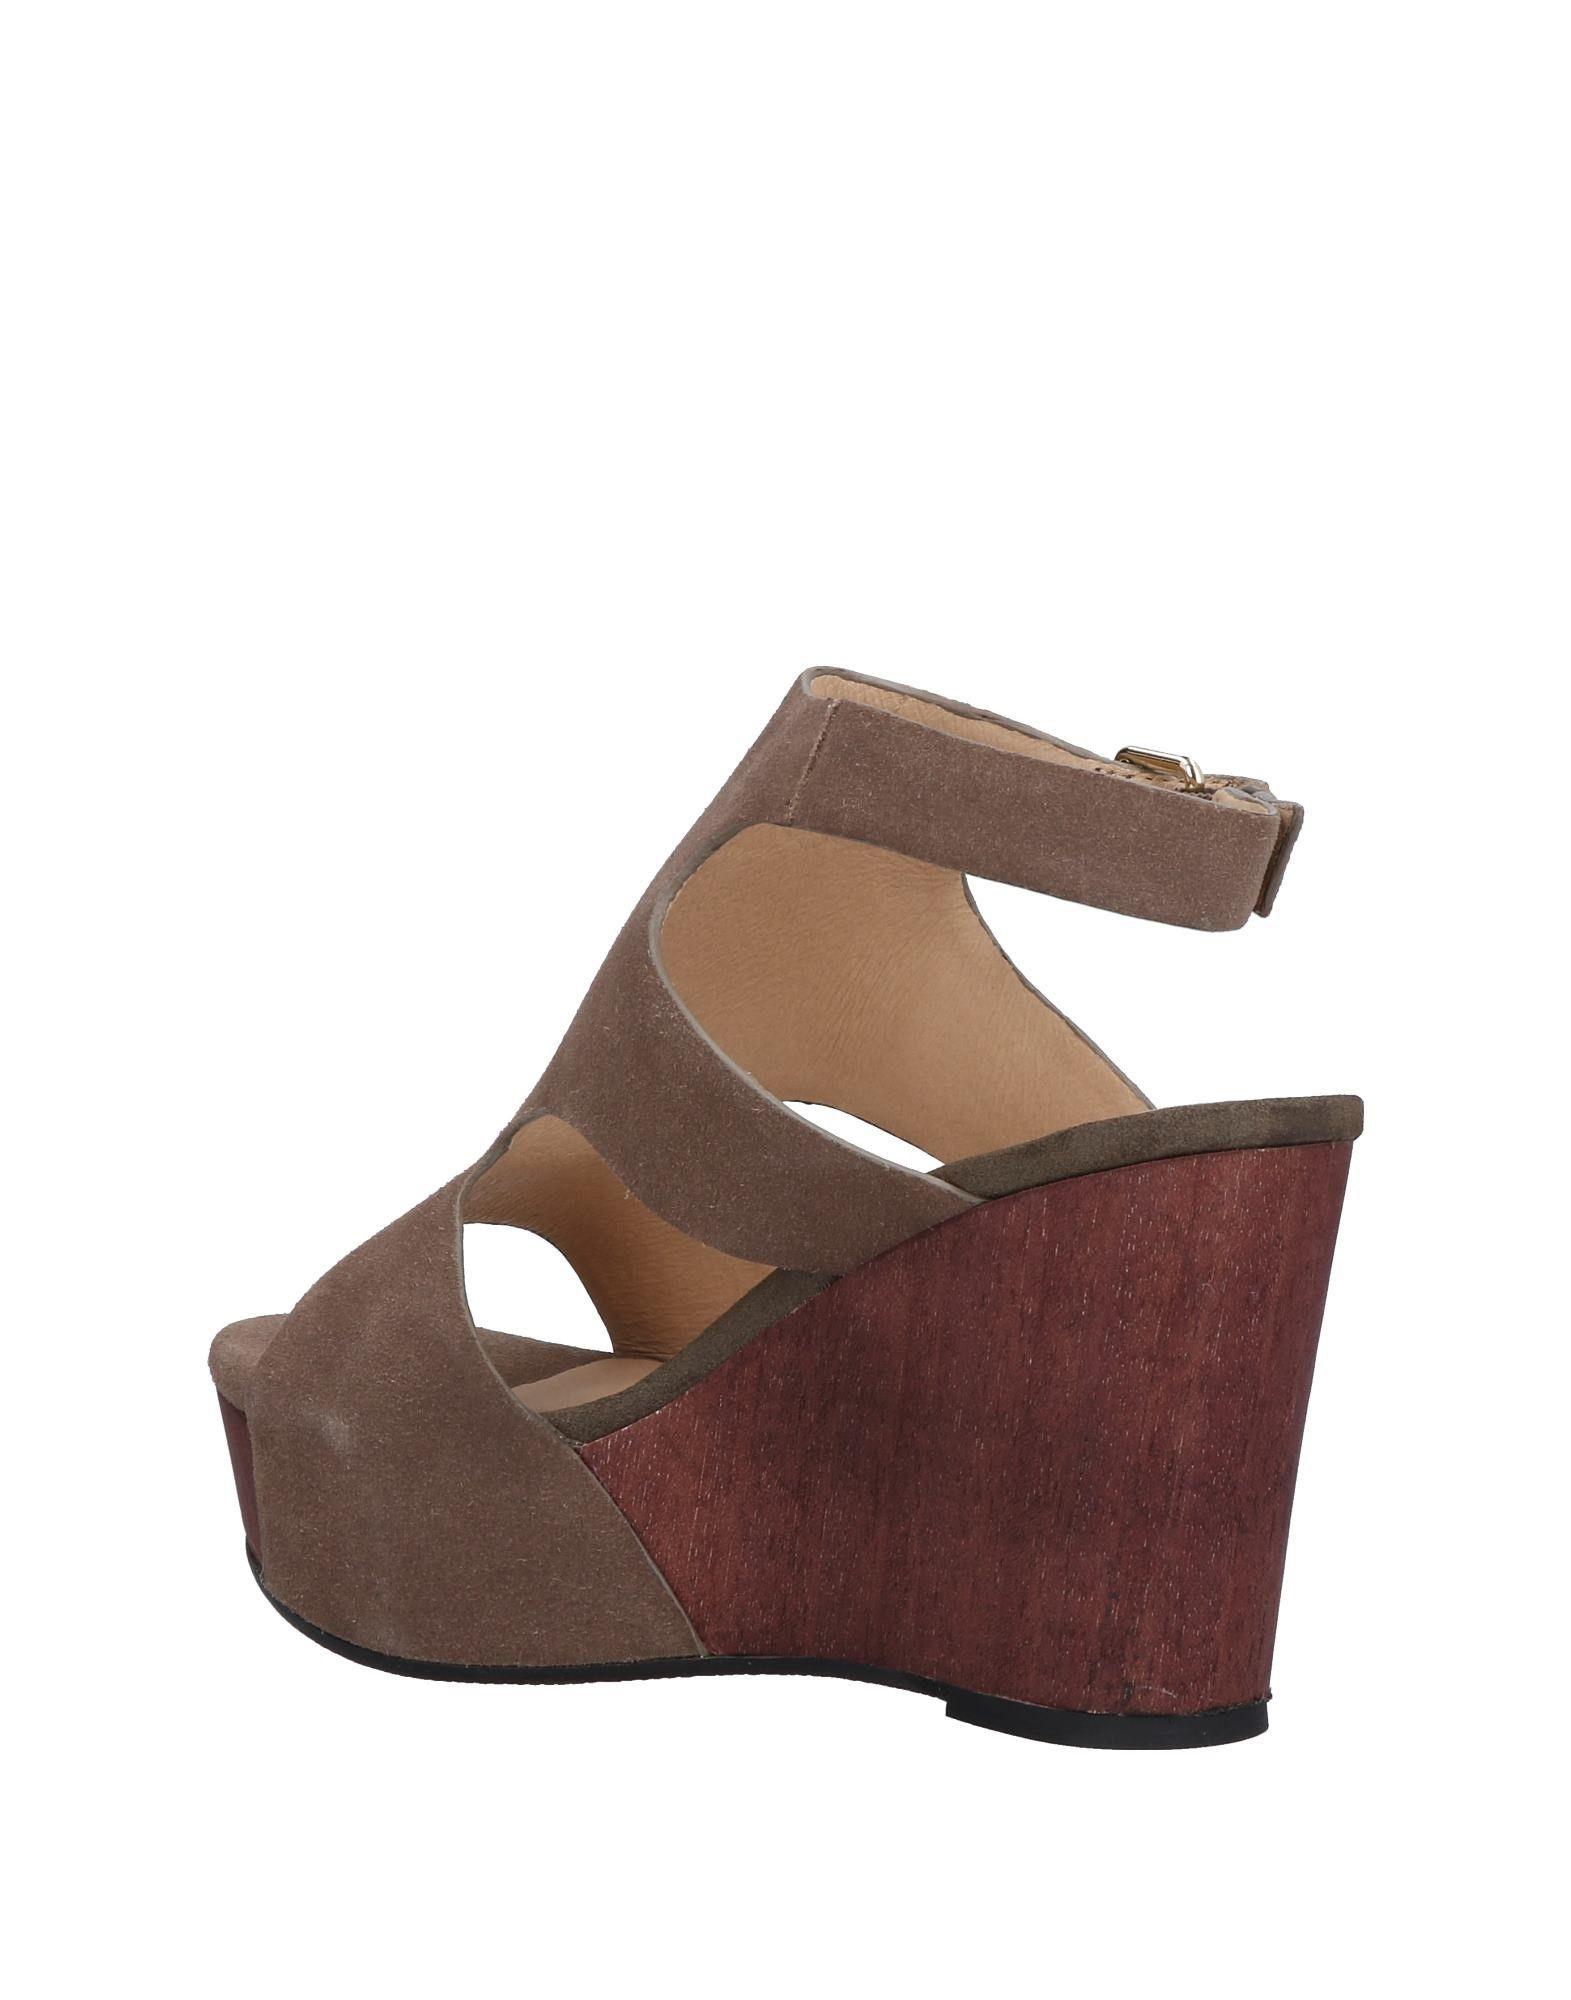 Cafènoir Sandalen Qualität Damen  11503633JT Gute Qualität Sandalen beliebte Schuhe 0ffa0f